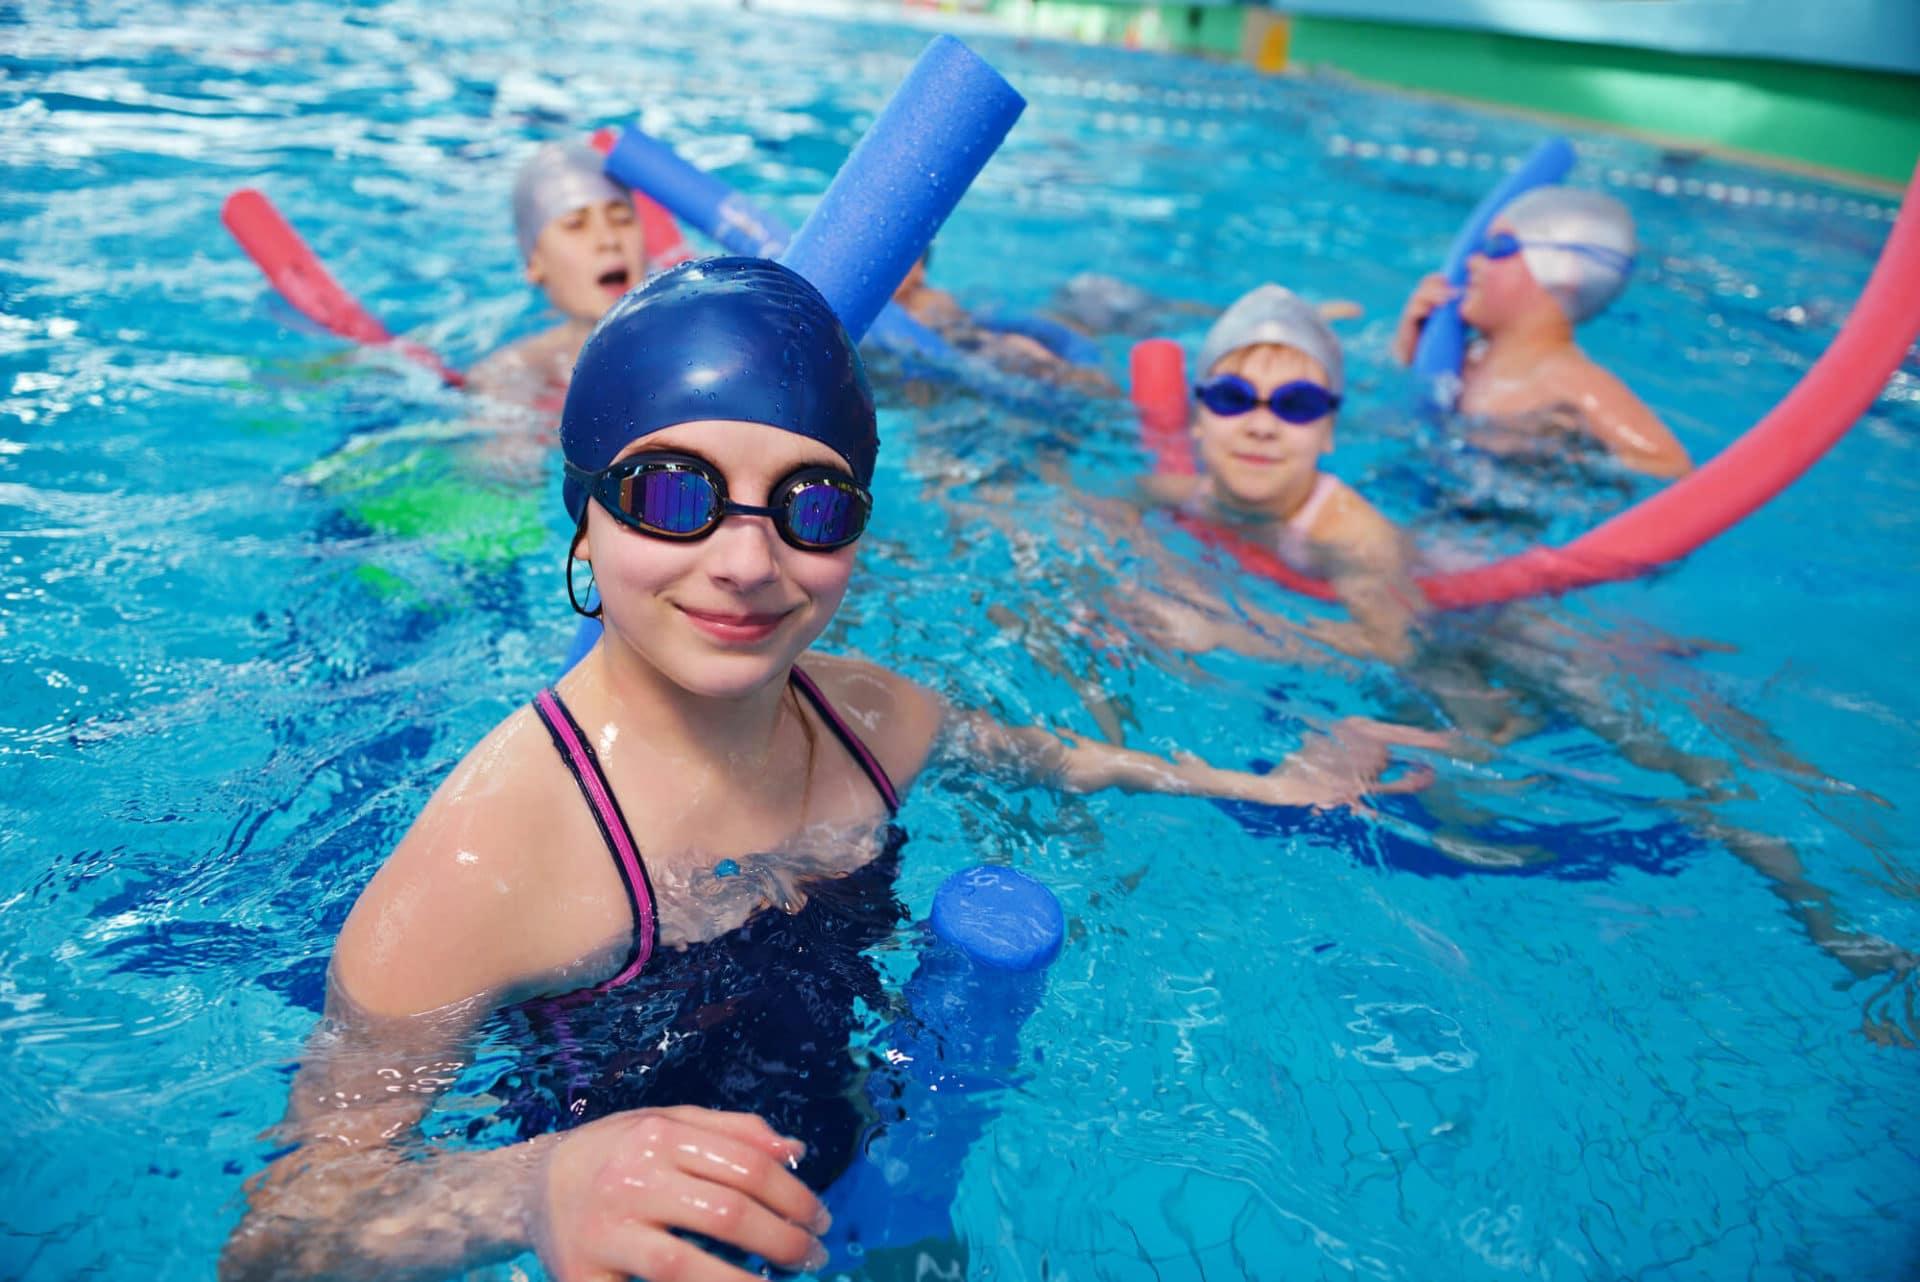 Польза плавания: что такое, чем полезно, похудения, бассейне, мужчин, детей, женщин